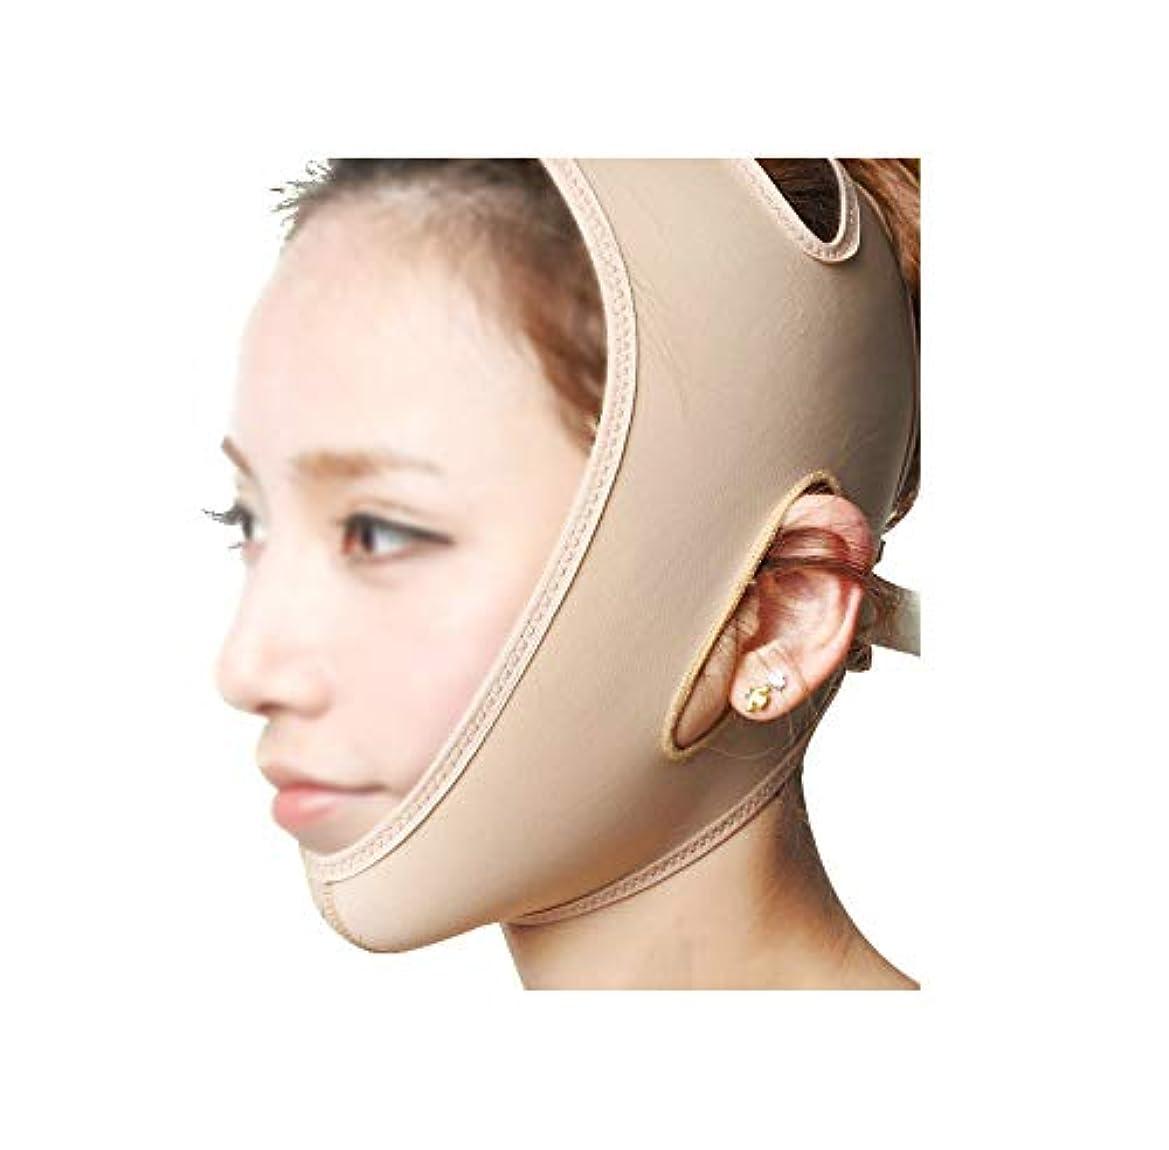 待って労働者文献XHLMRMJ フェイスリフティングバンデージ、フェイスマスク3Dパネルデザイン、通気性のある非通気性、高弾性ライクラ生地フィジカルVフェイス、美しい顔の輪郭の作成 (Size : M)